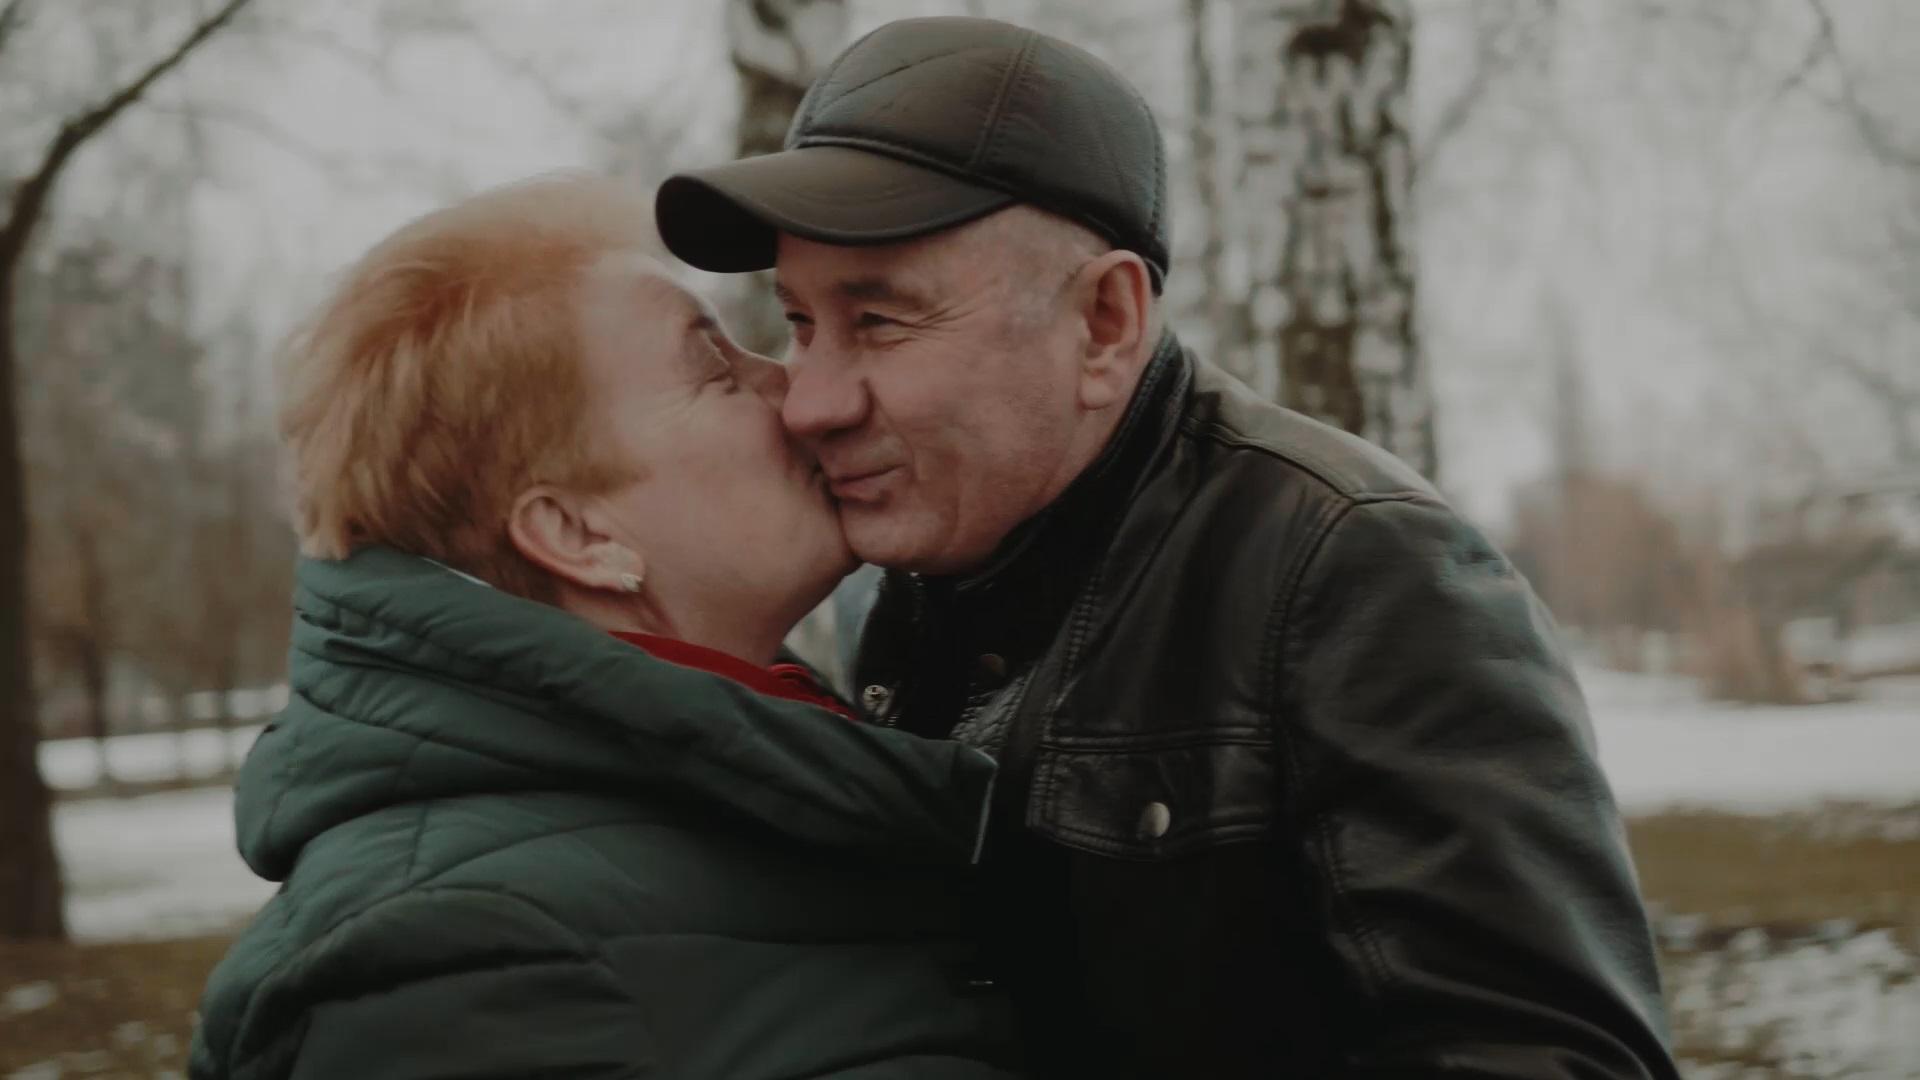 профессиональный видеограф киев